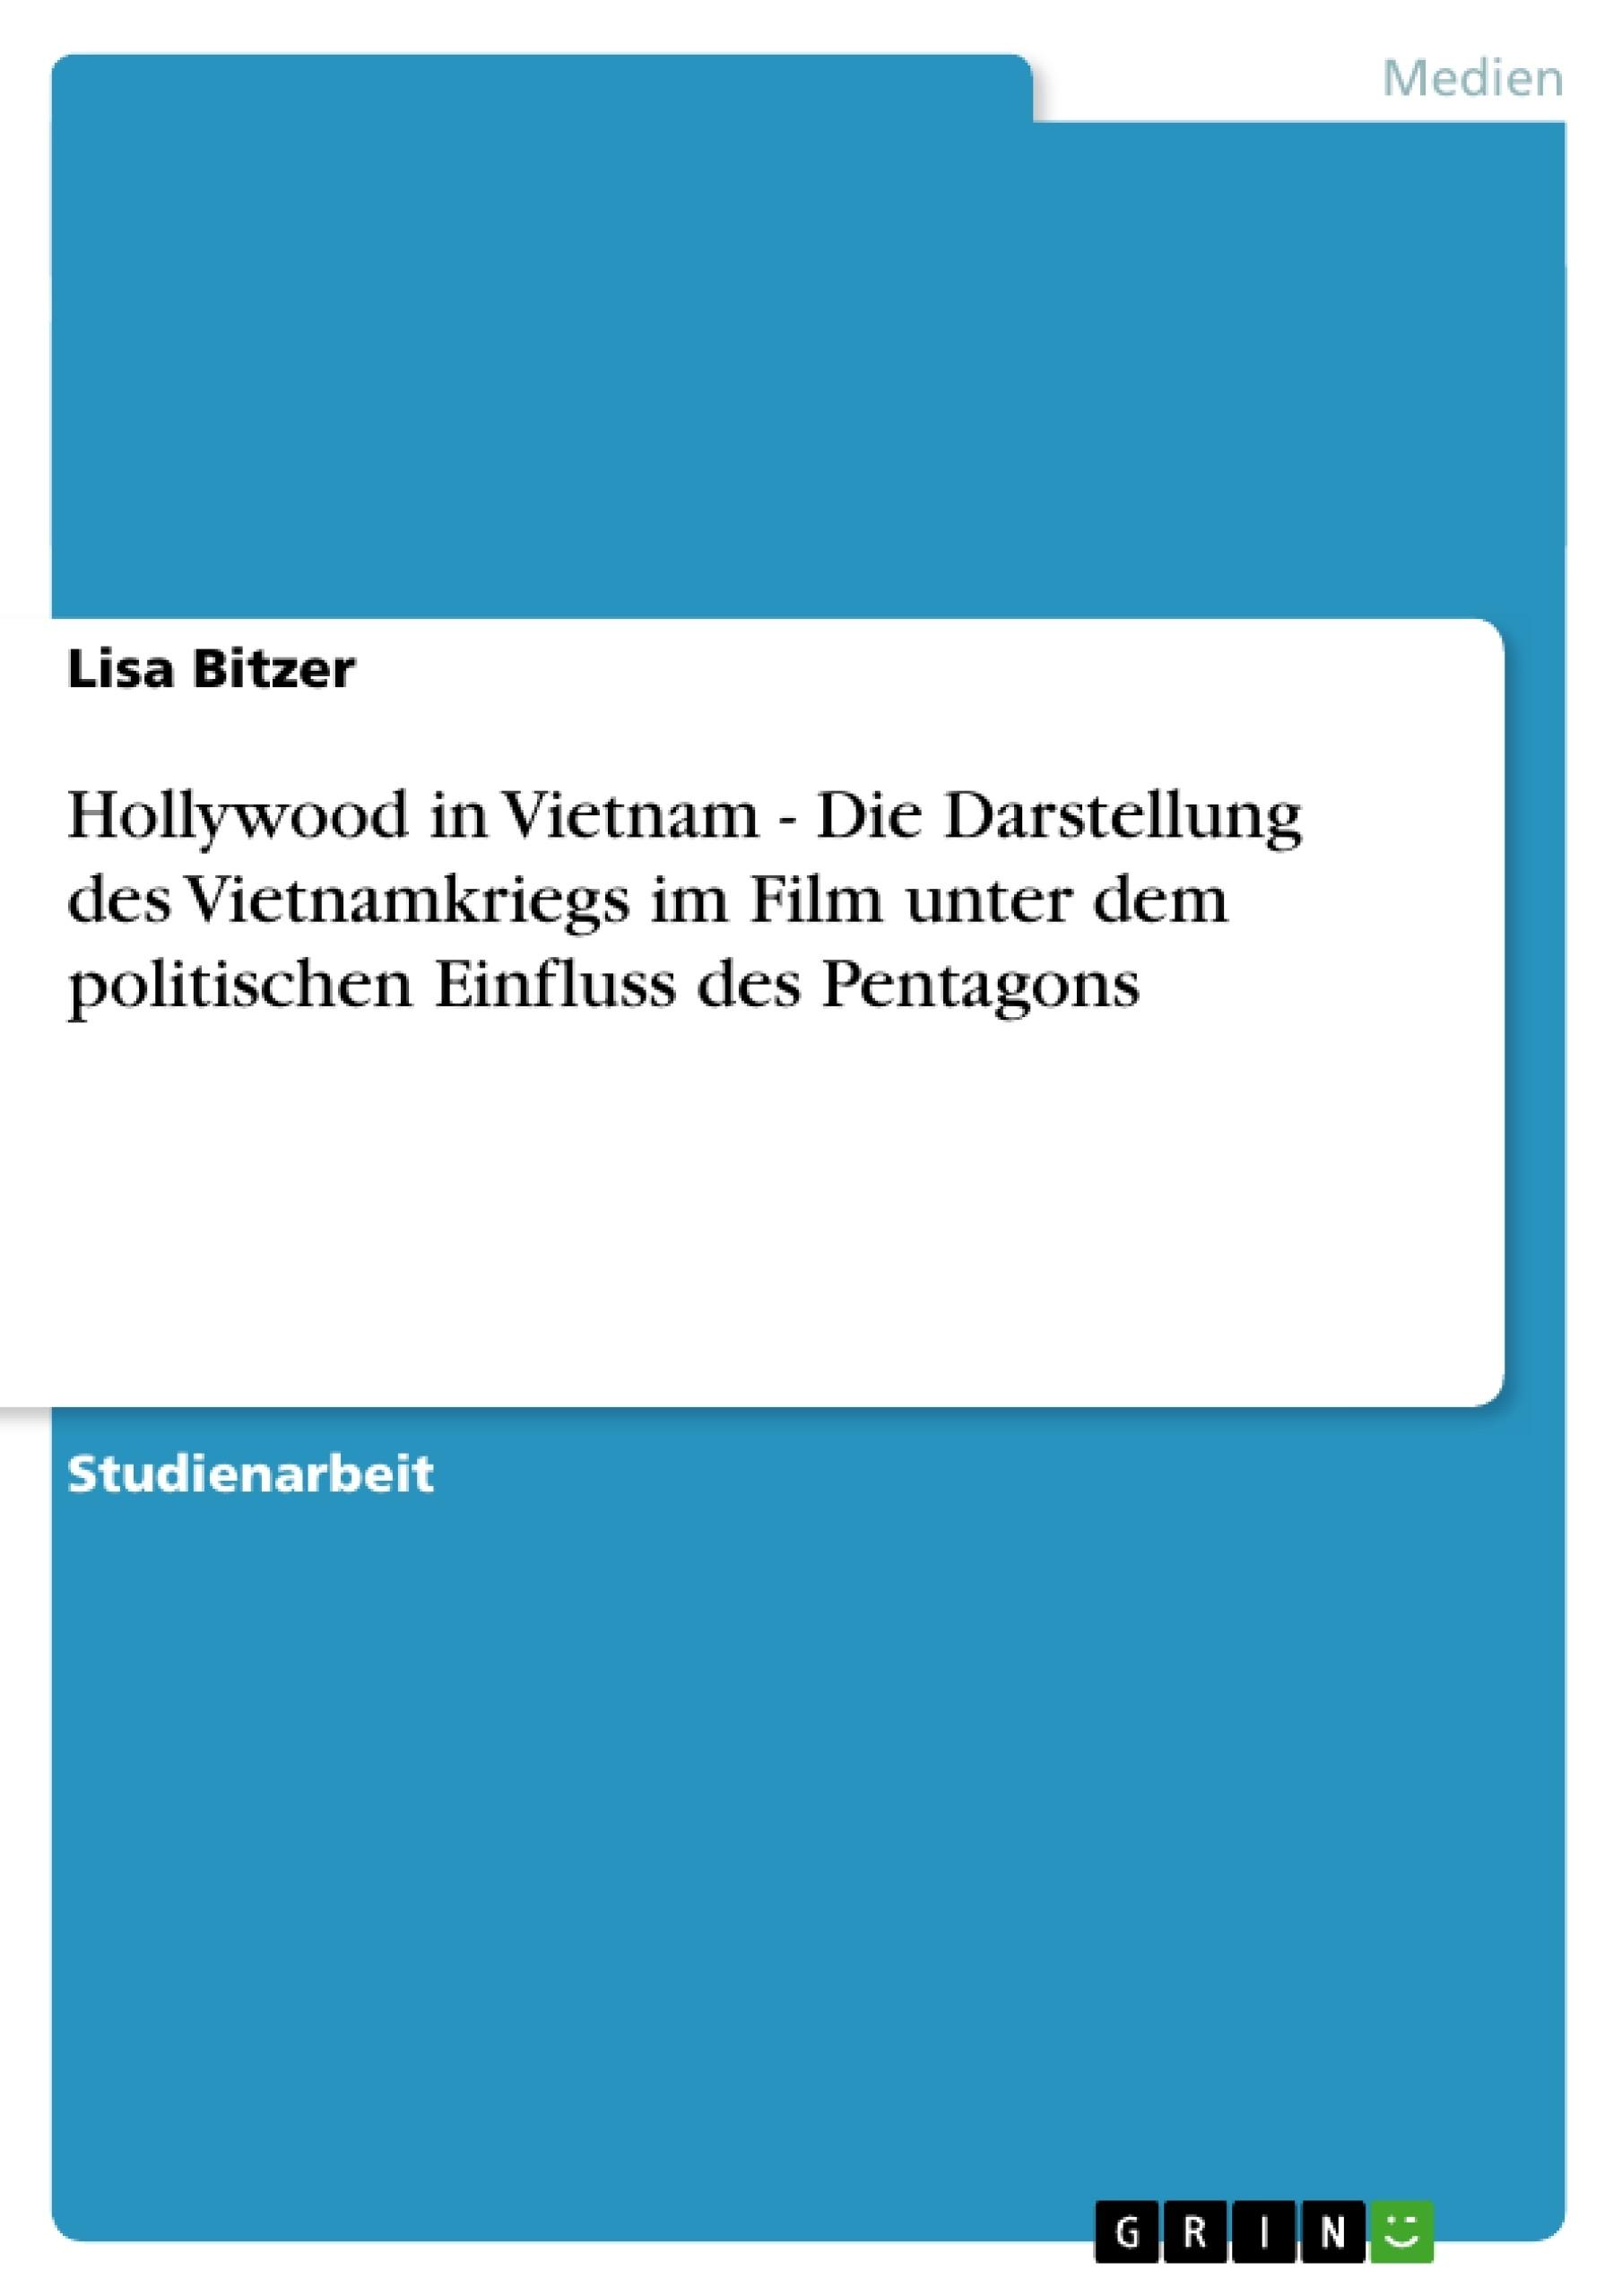 Titel: Hollywood in Vietnam - Die Darstellung des Vietnamkriegs im Film unter dem politischen Einfluss des Pentagons